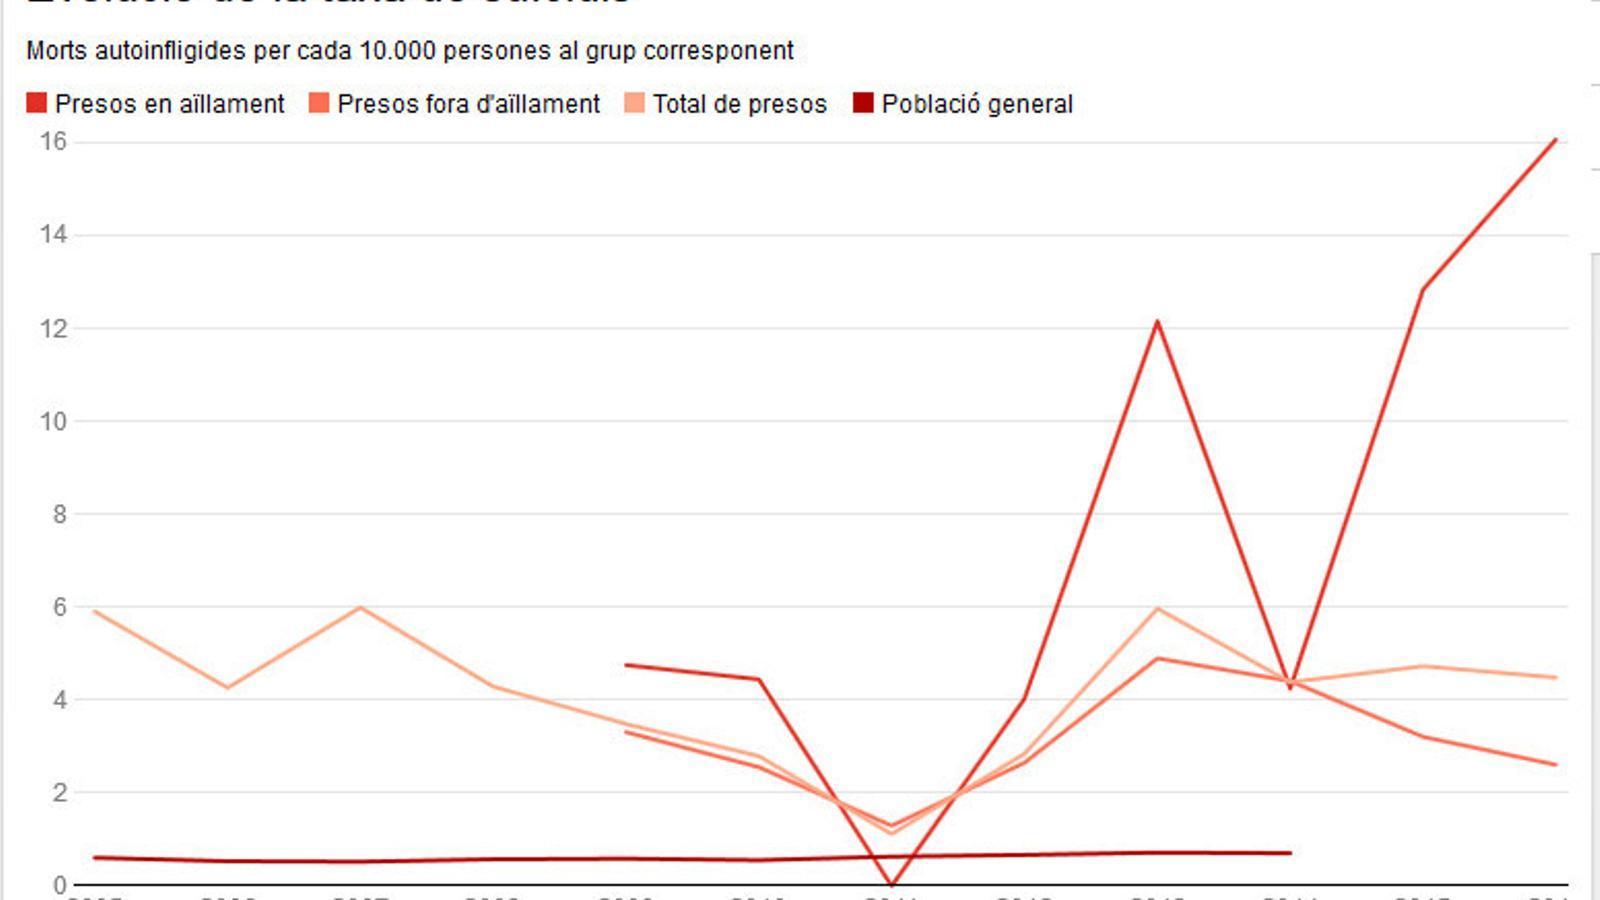 Els suïcidis de presos es tripliquen en aïllament